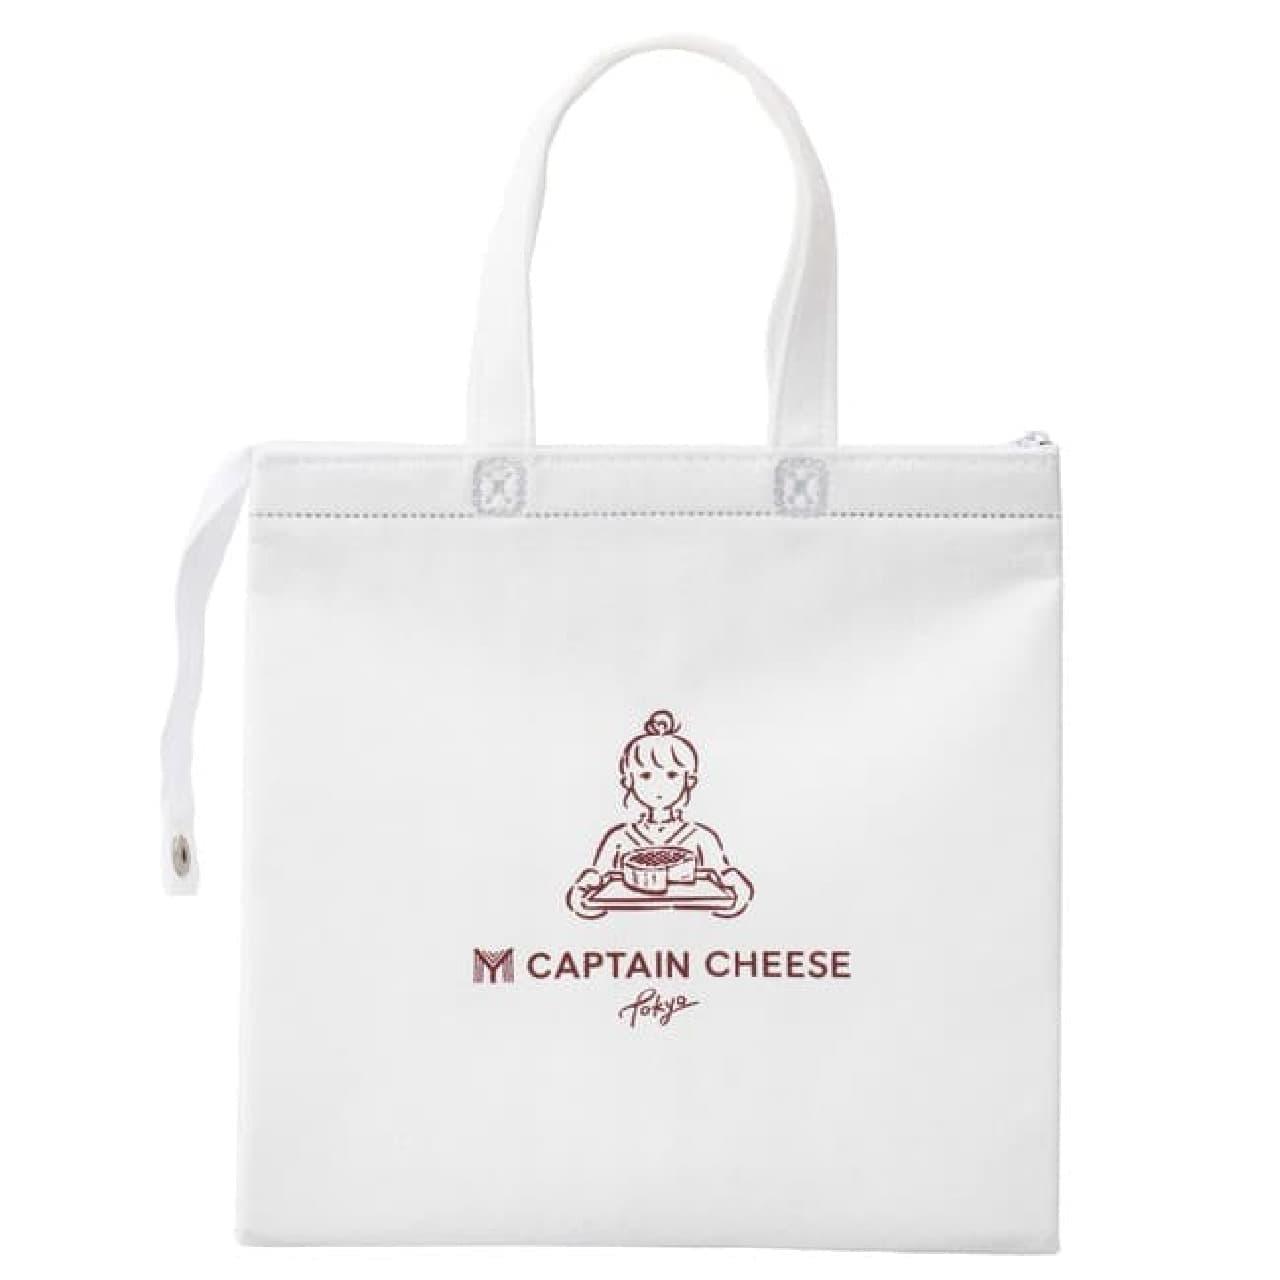 マイキャプテンチーズTOKYOの保冷バッグ